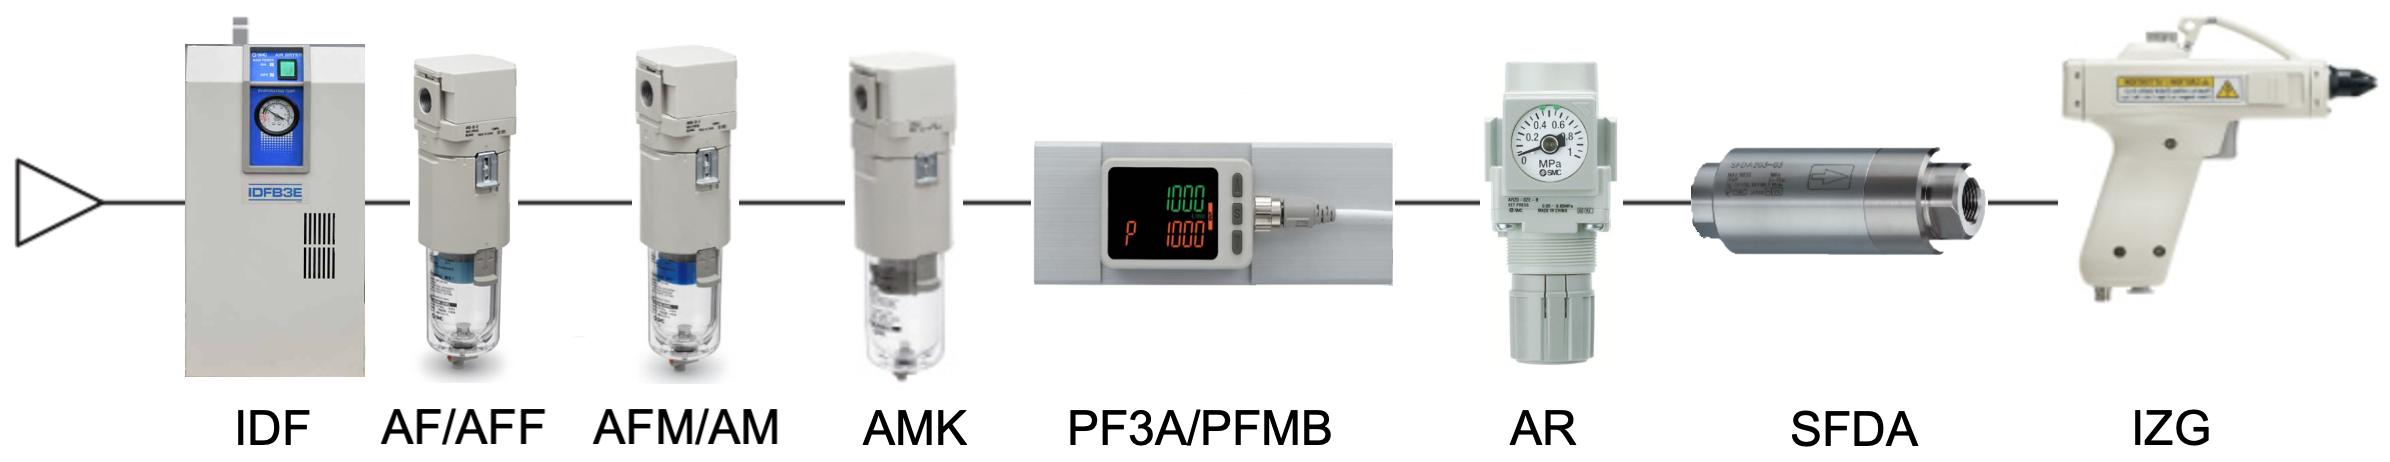 Diagrama de circuito pneumático recomendado   SMC